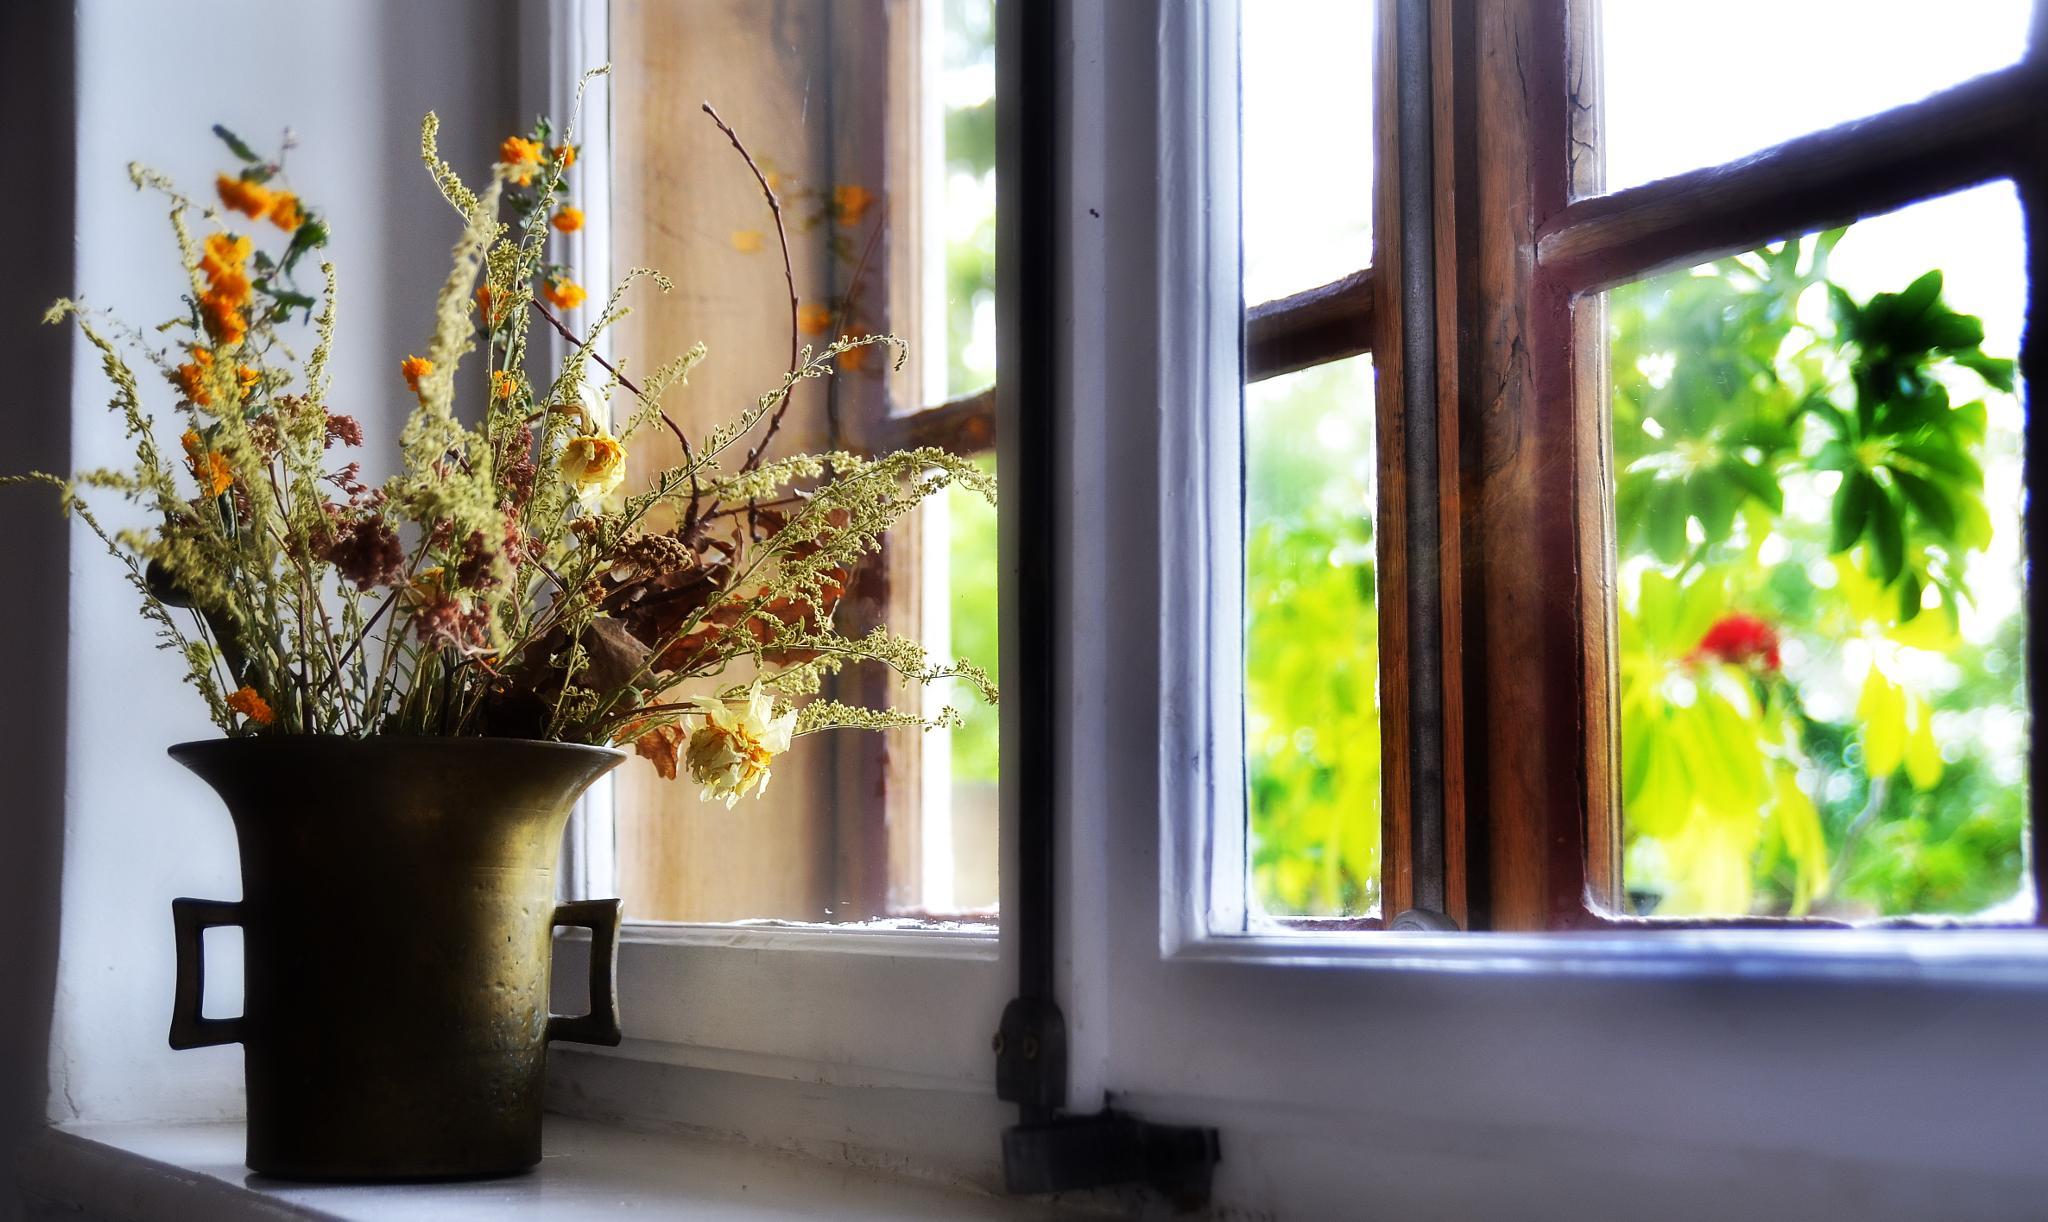 window by edyctin